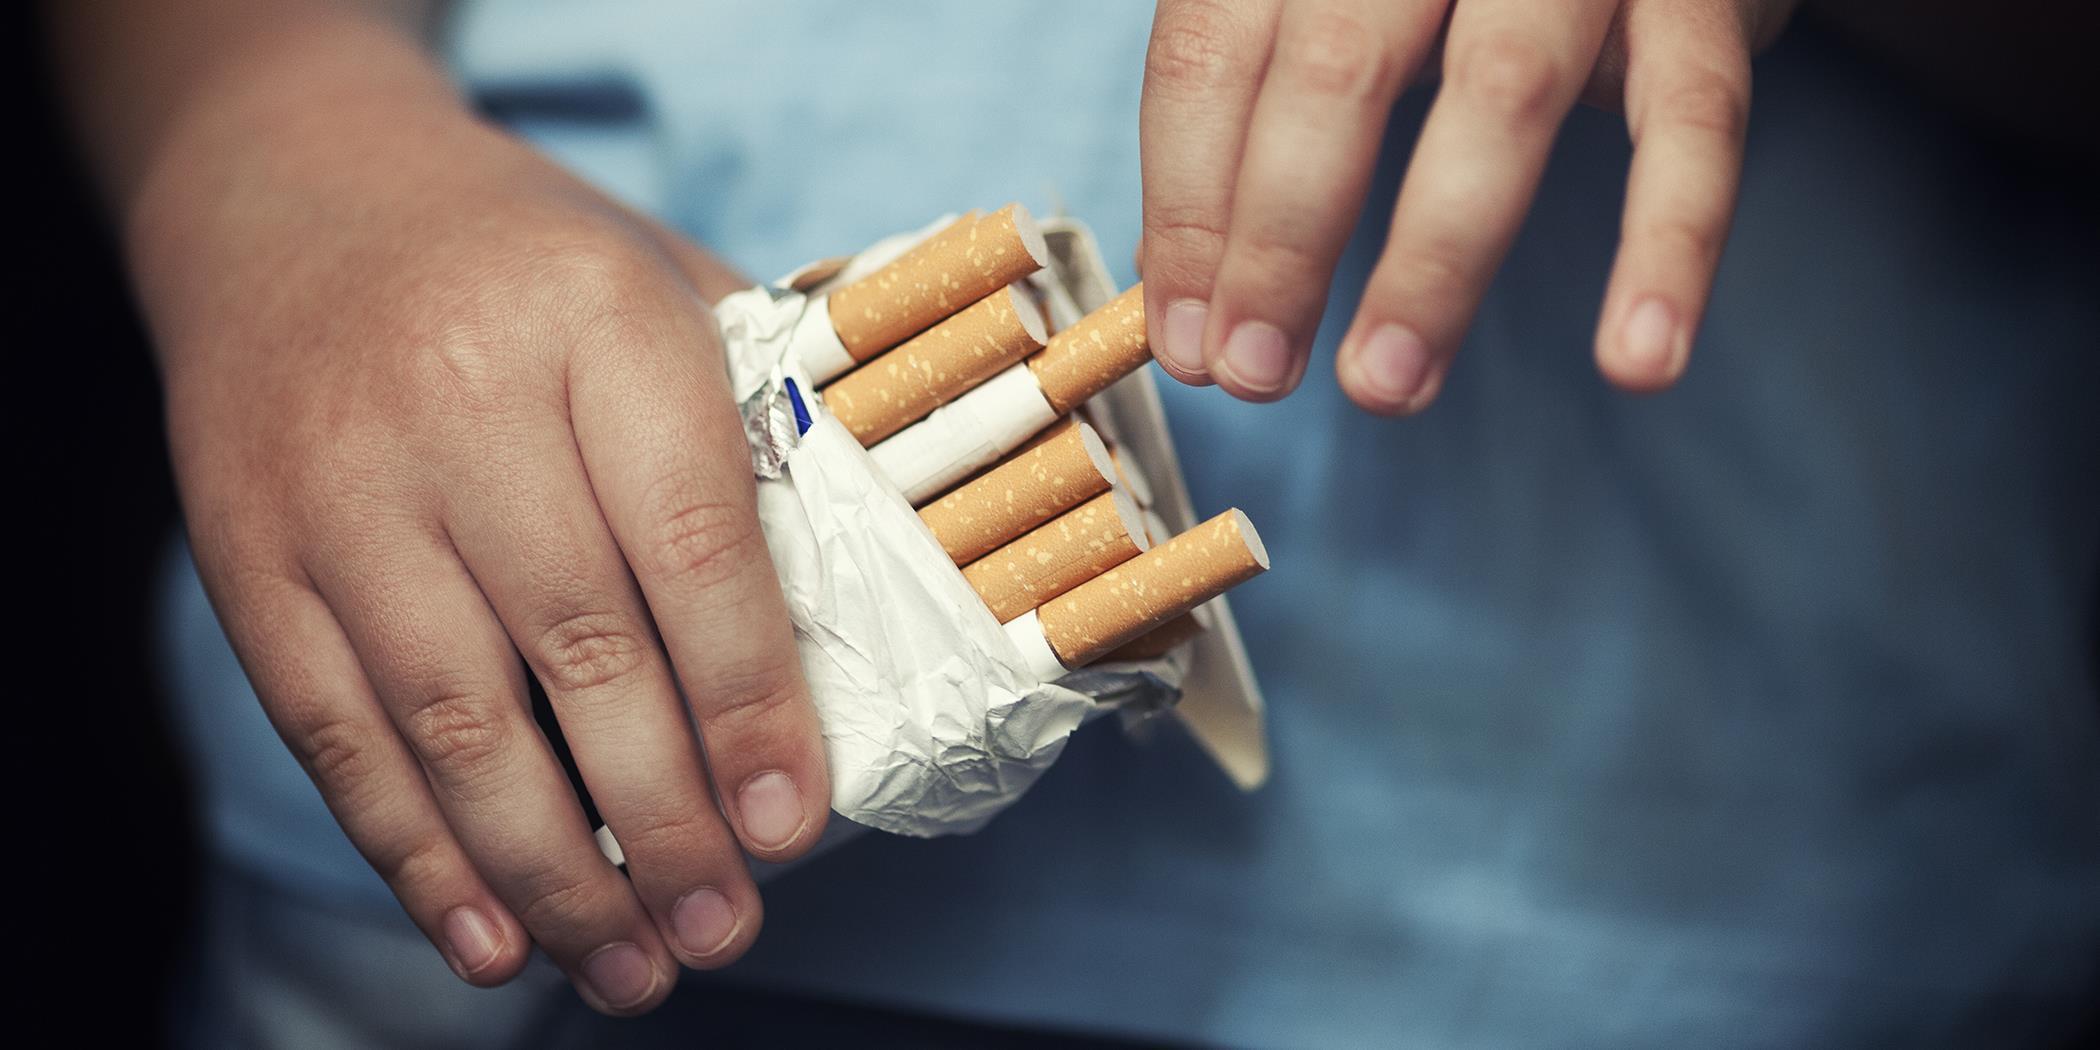 cigaretta felállítása)